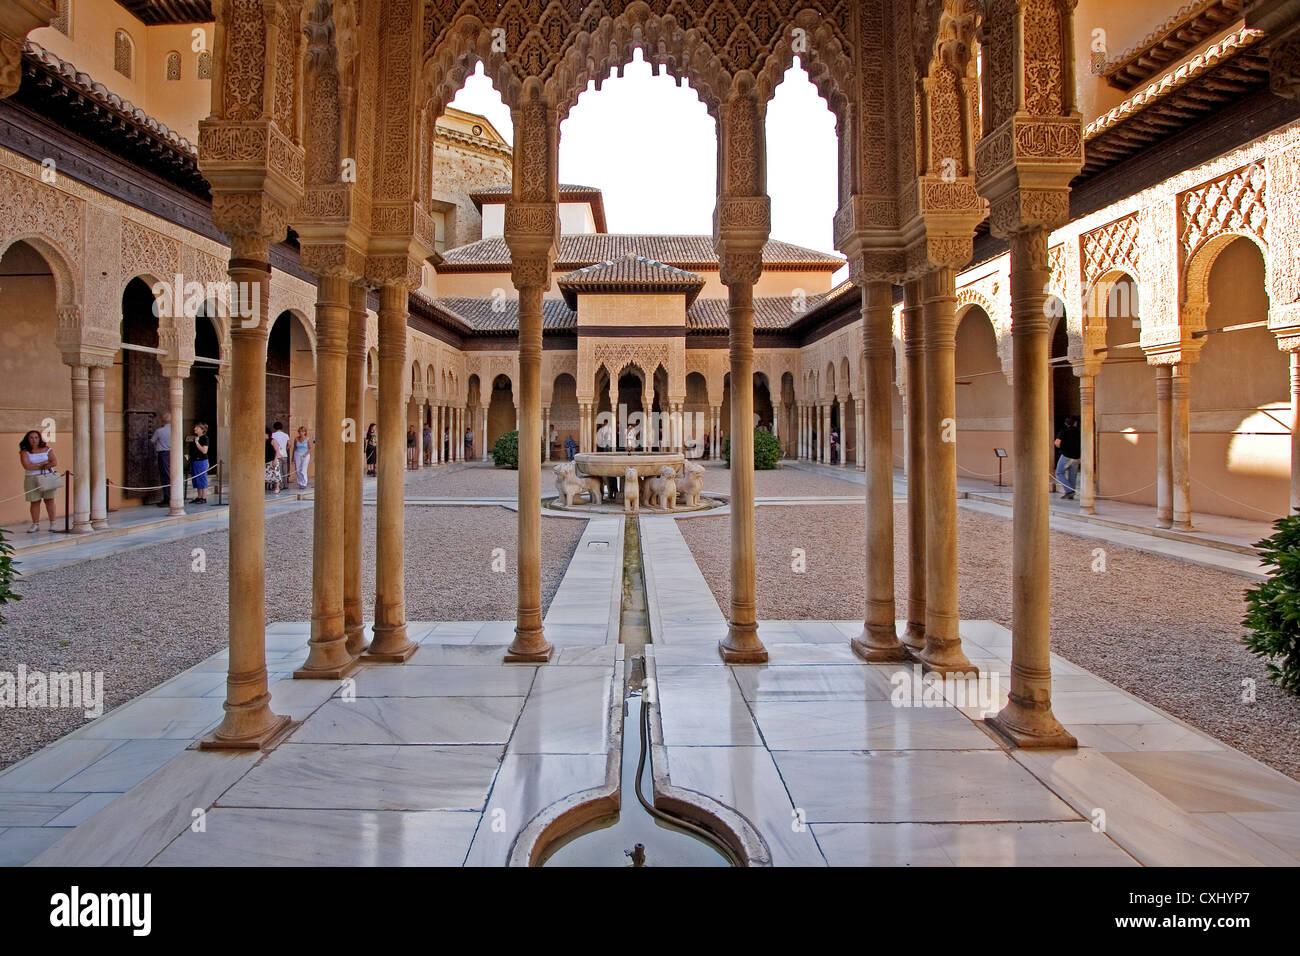 Patio De Los Leones Alhambra Granada Andalusia Spain Patio De Los